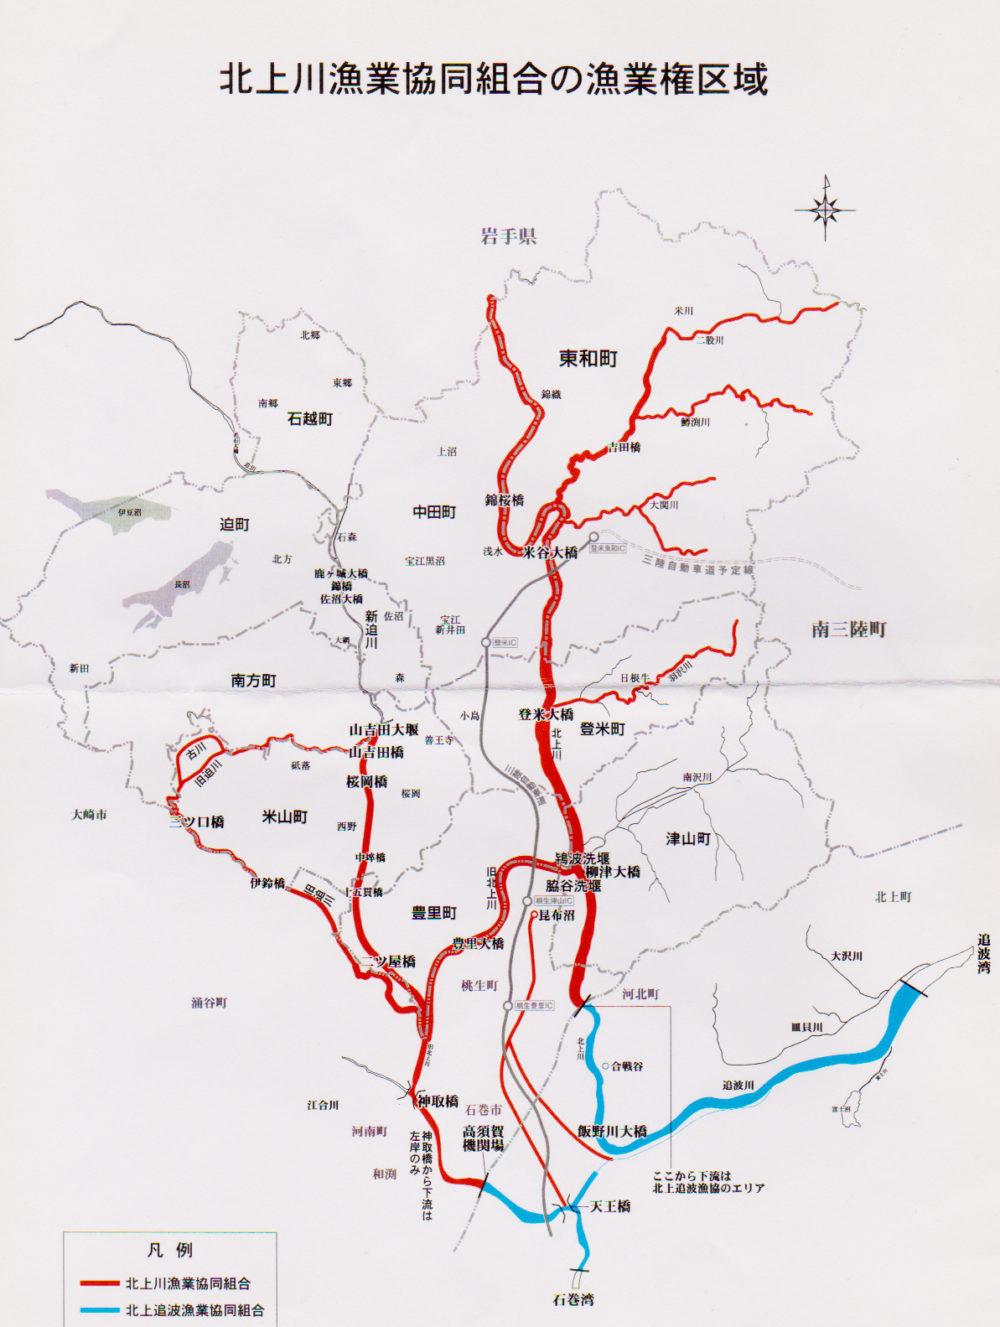 北上川 漁業協同組合の漁業権区域